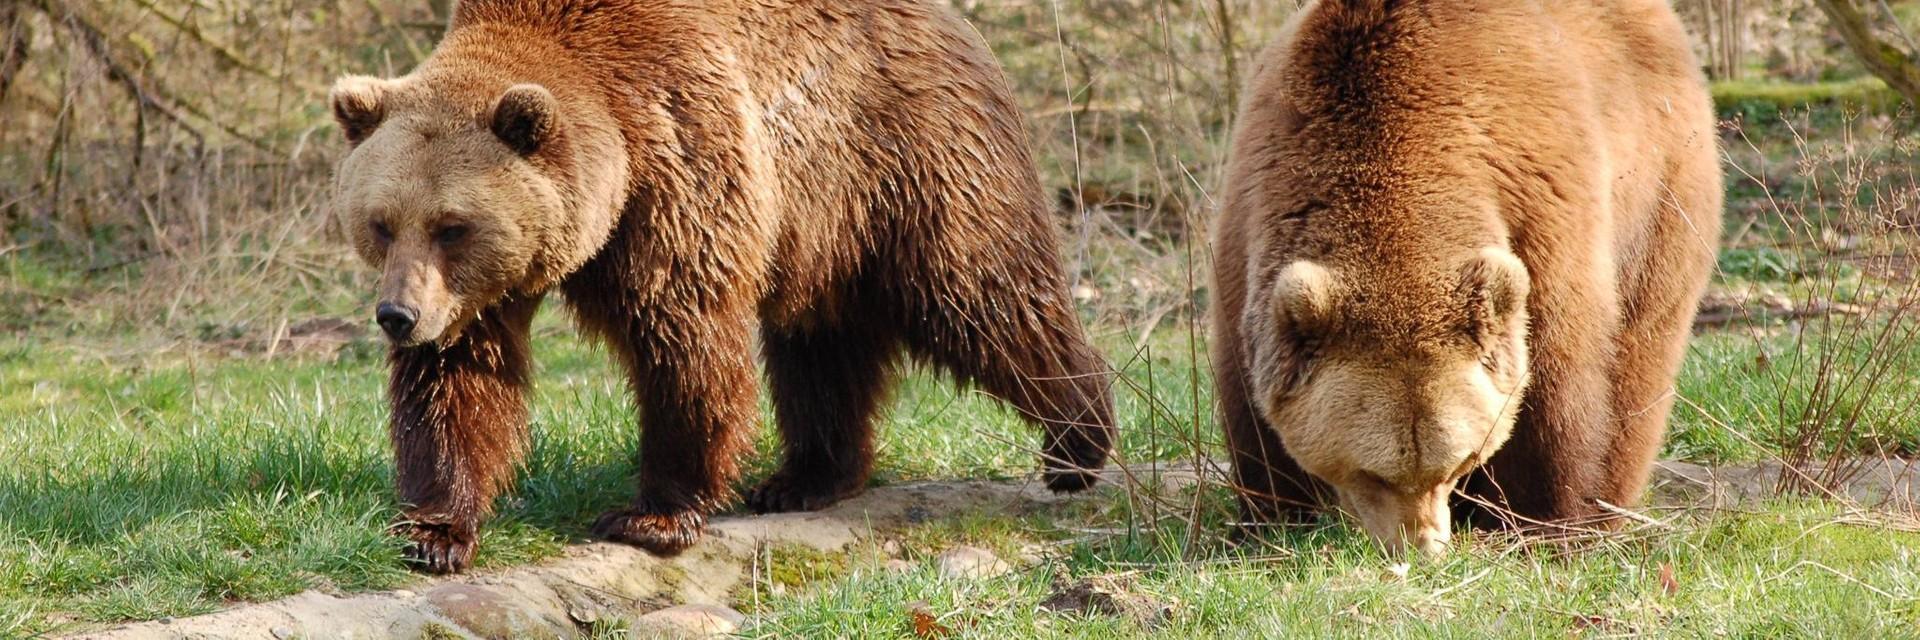 Bären Ben und Felix im BÄRENWALD Müritz